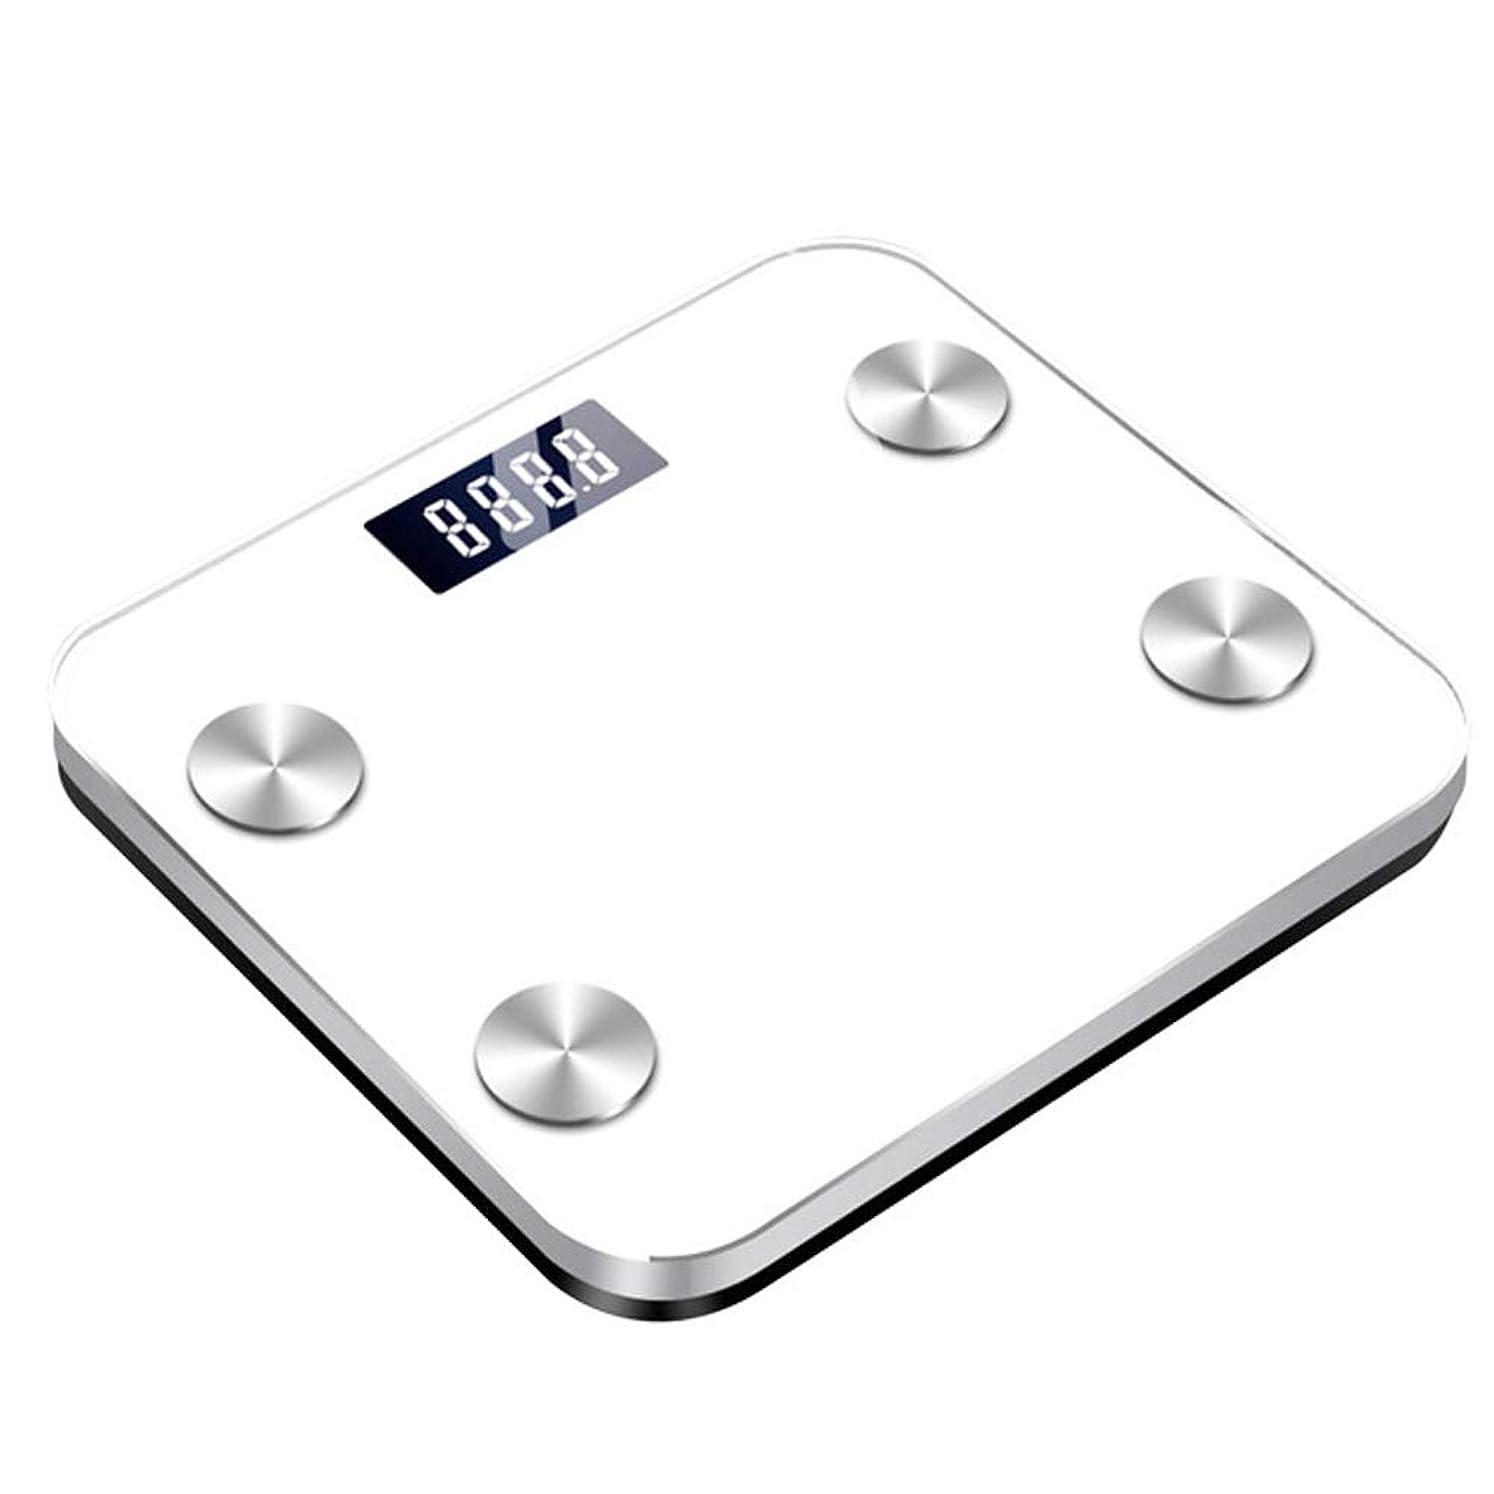 見えない活性化する敬の念健康な世帯の体重計を維持するための理性的なLEDの体脂肪のスケールの科学的で理性的な理性的な電子デジタルのスケール,白